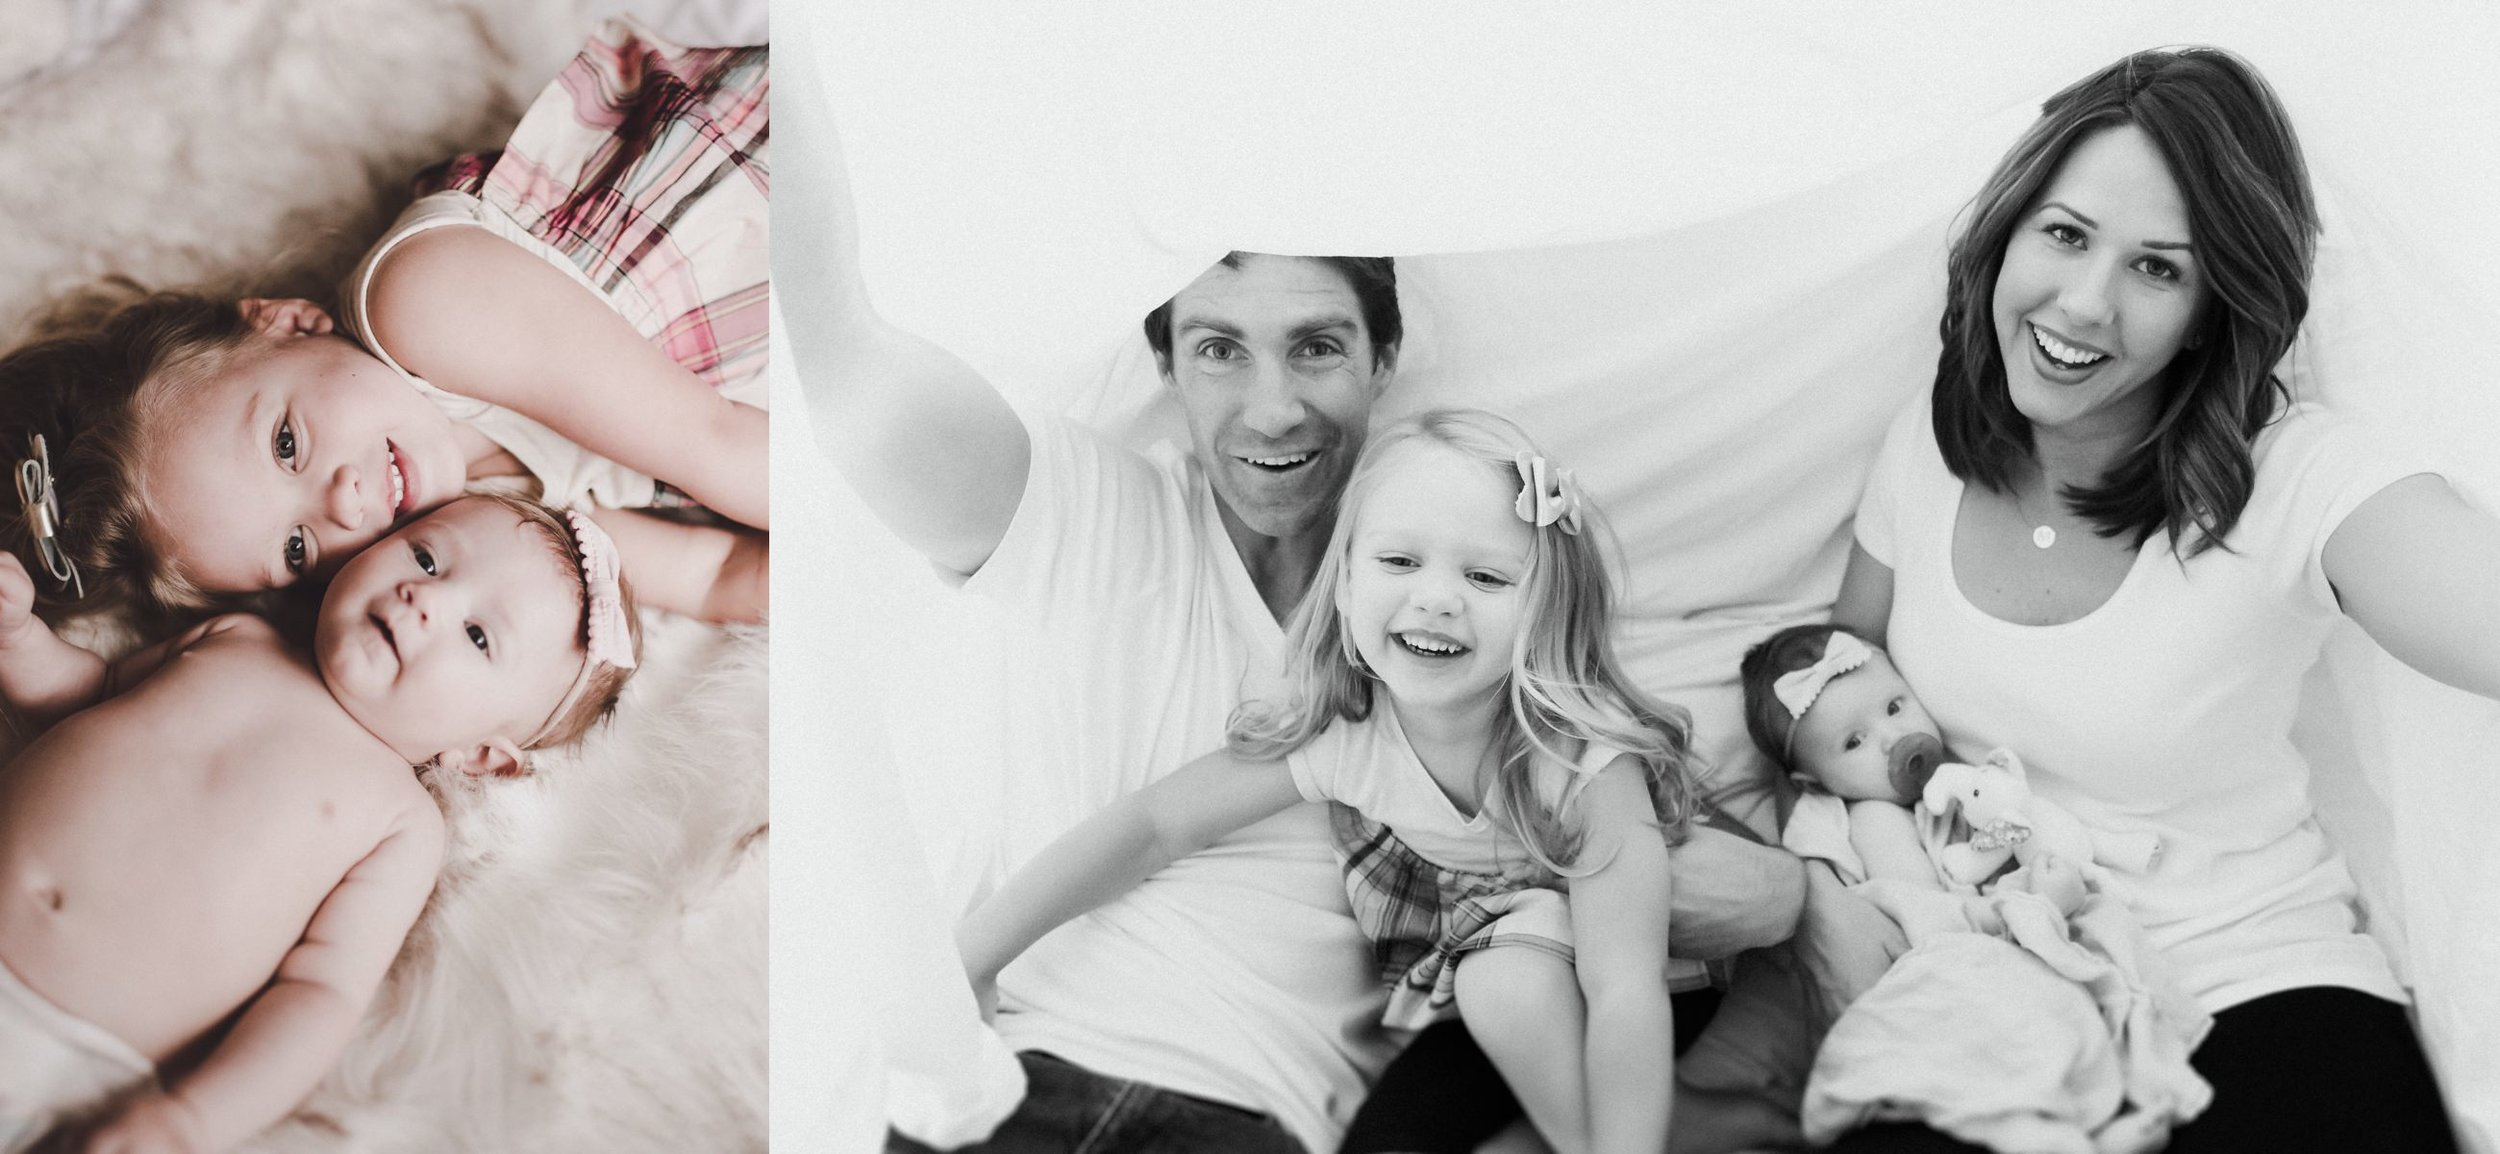 TONY-GAMBINO-PHOTOGRAPHY-BEND-OREGON-FAMILY-PHOTO-SHOOT-000_1559.jpg